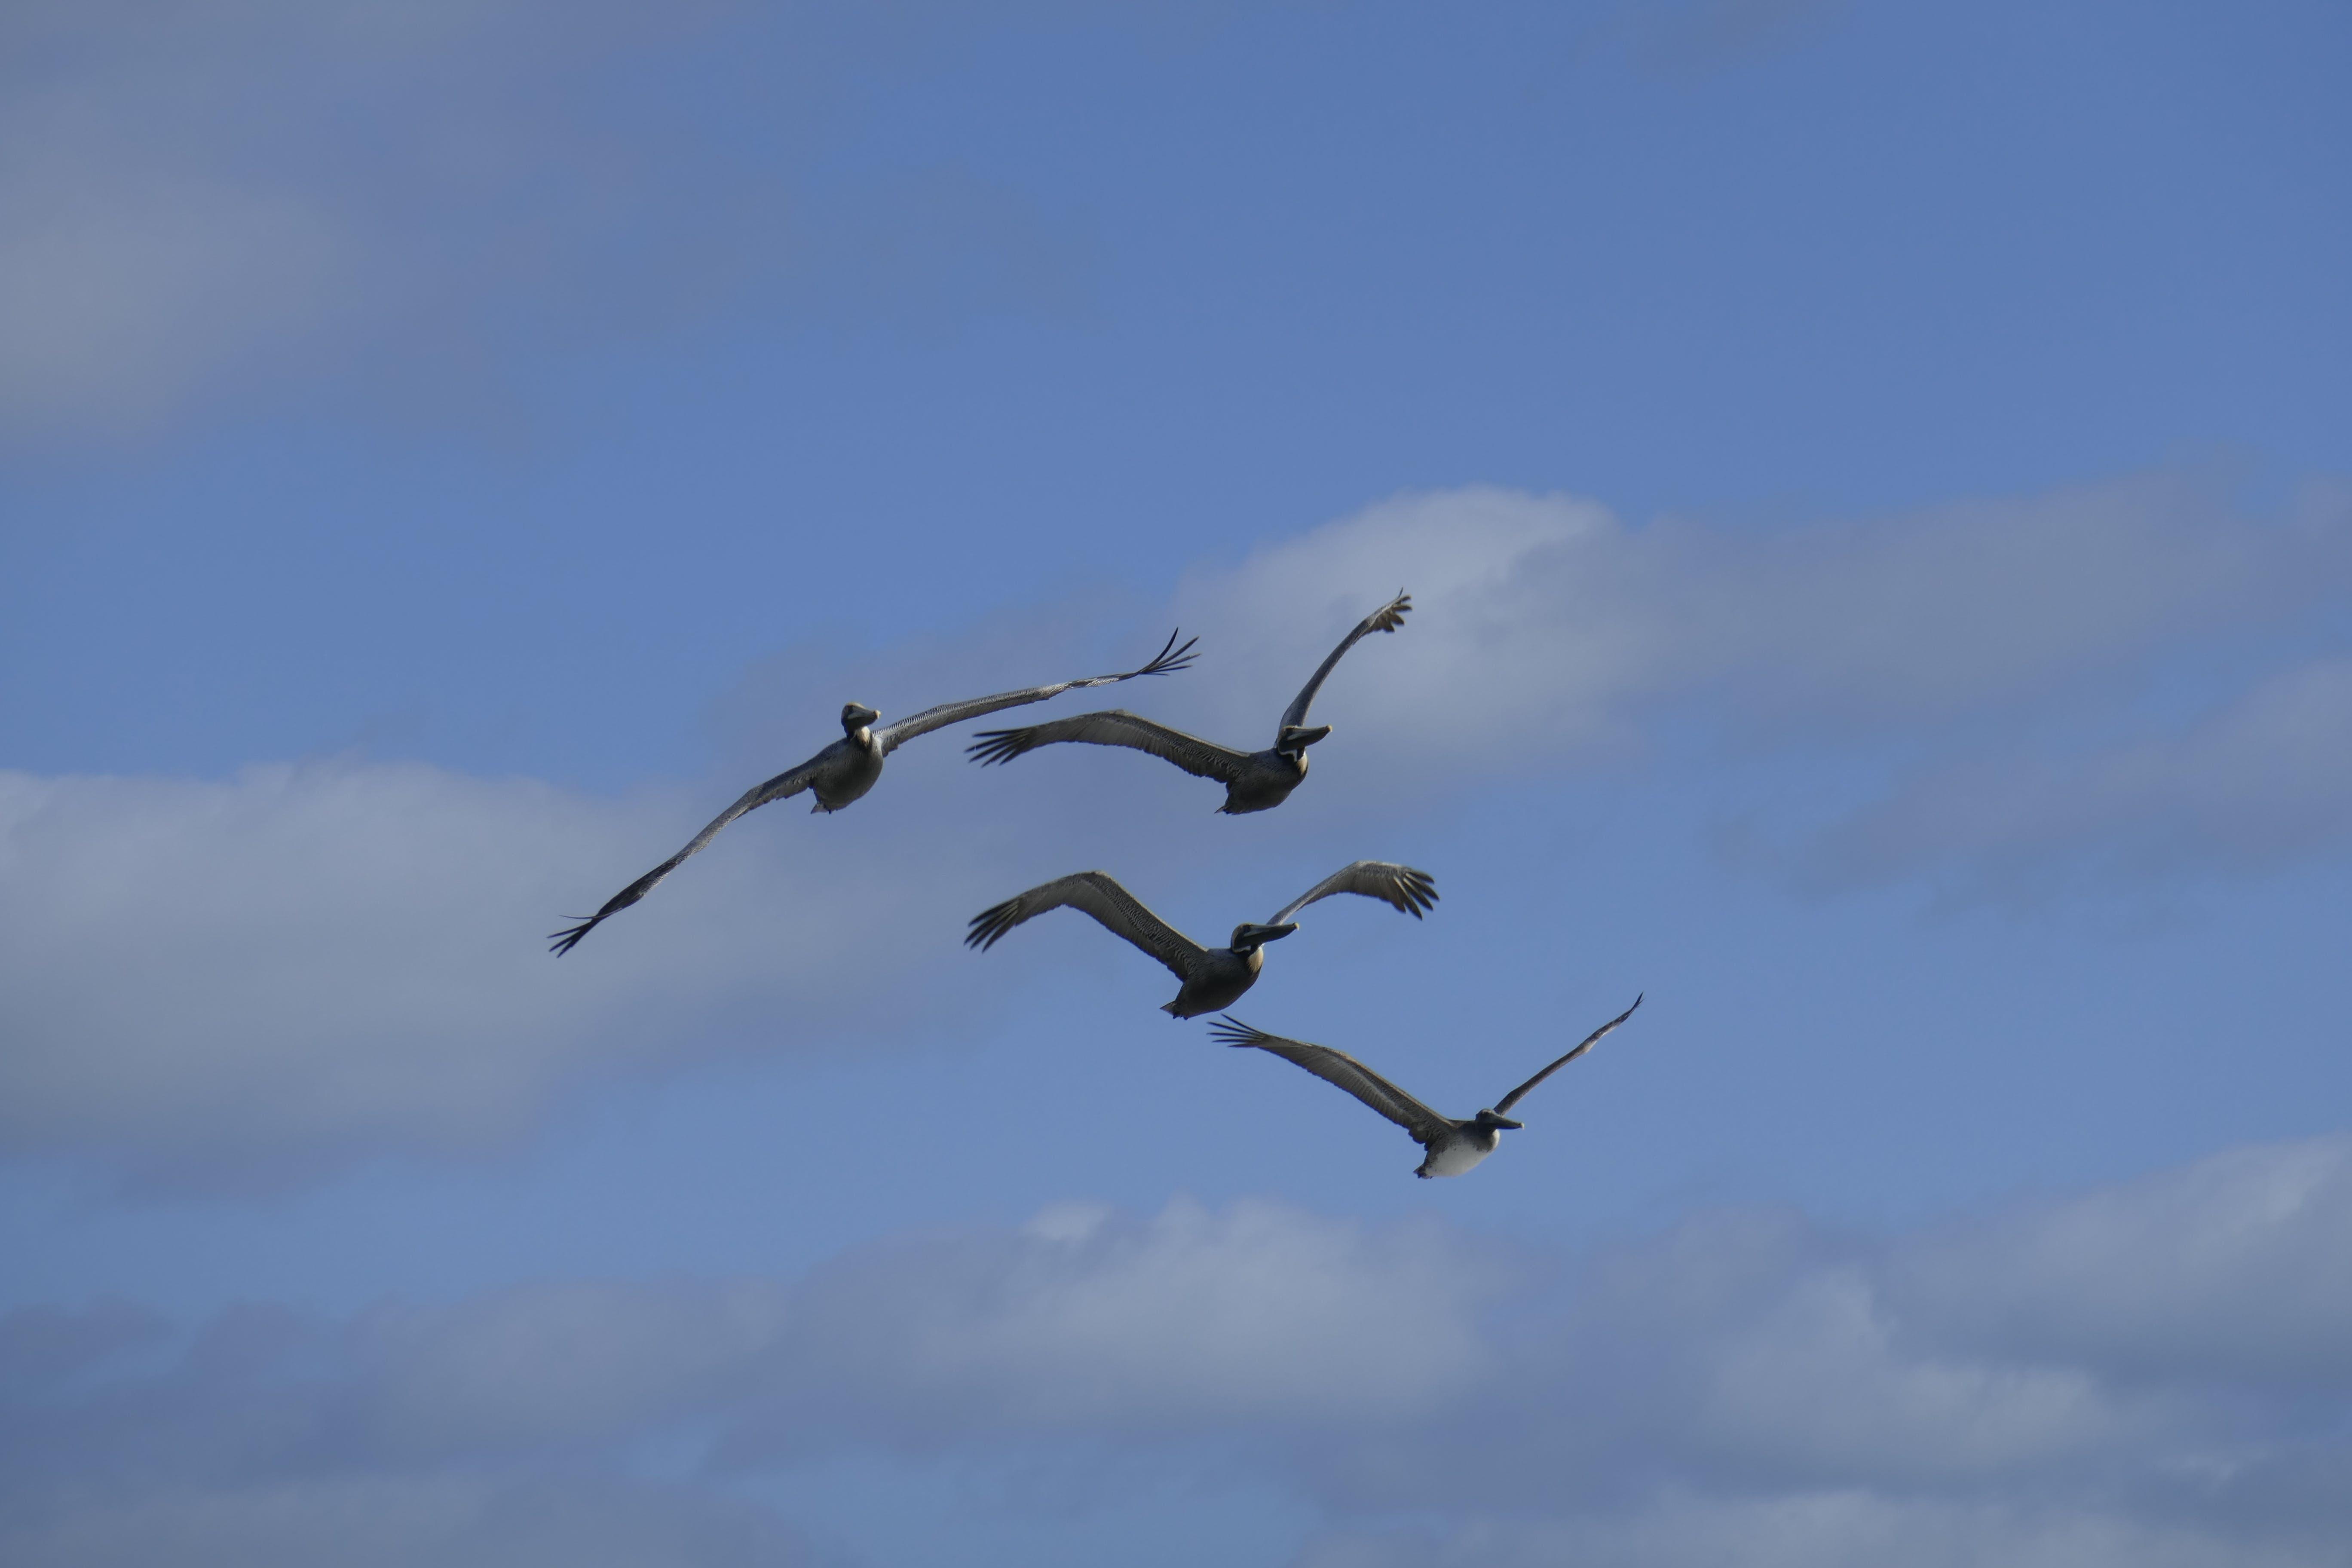 ペリカン, 飛行の無料の写真素材